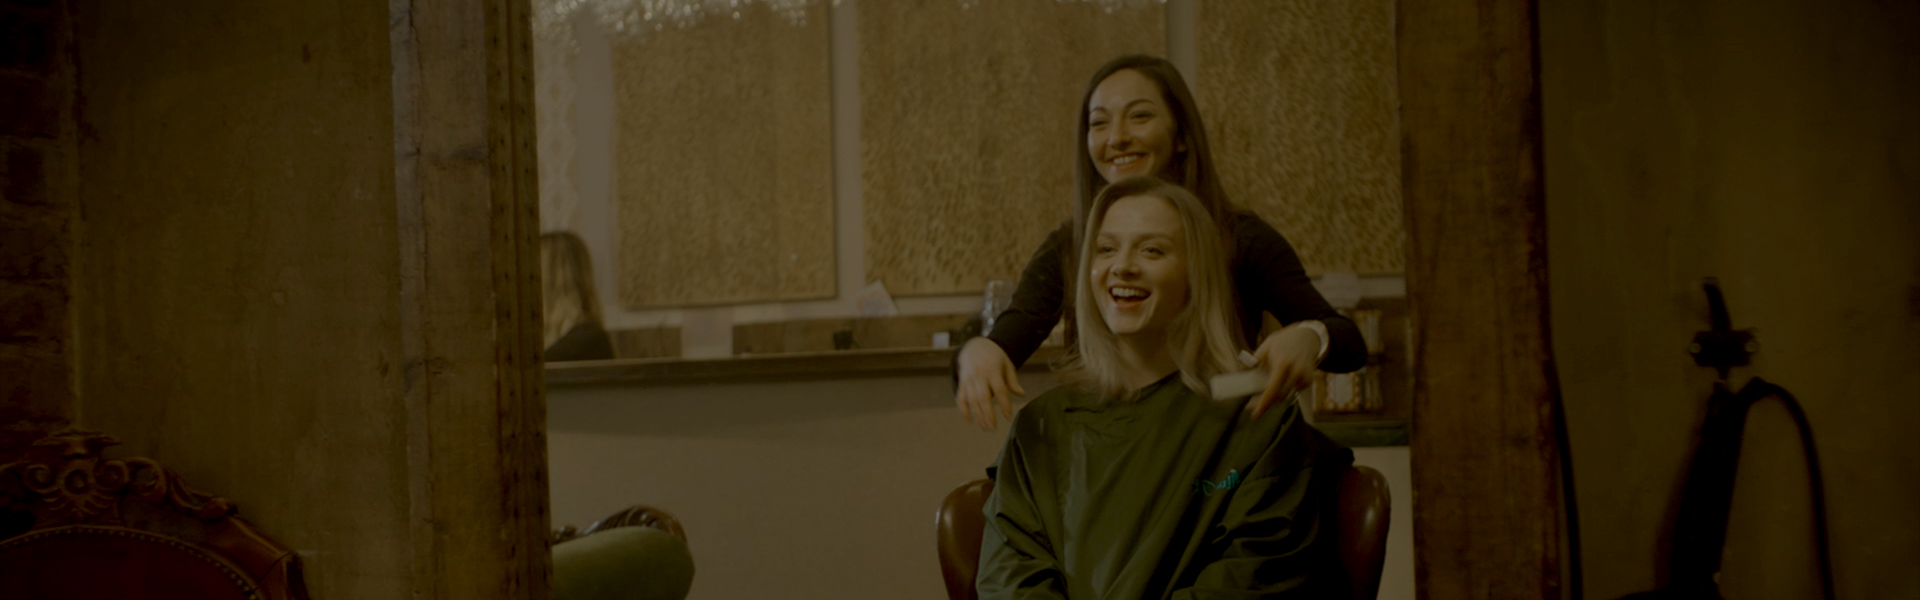 Deux femmes dans un salon de coiffure